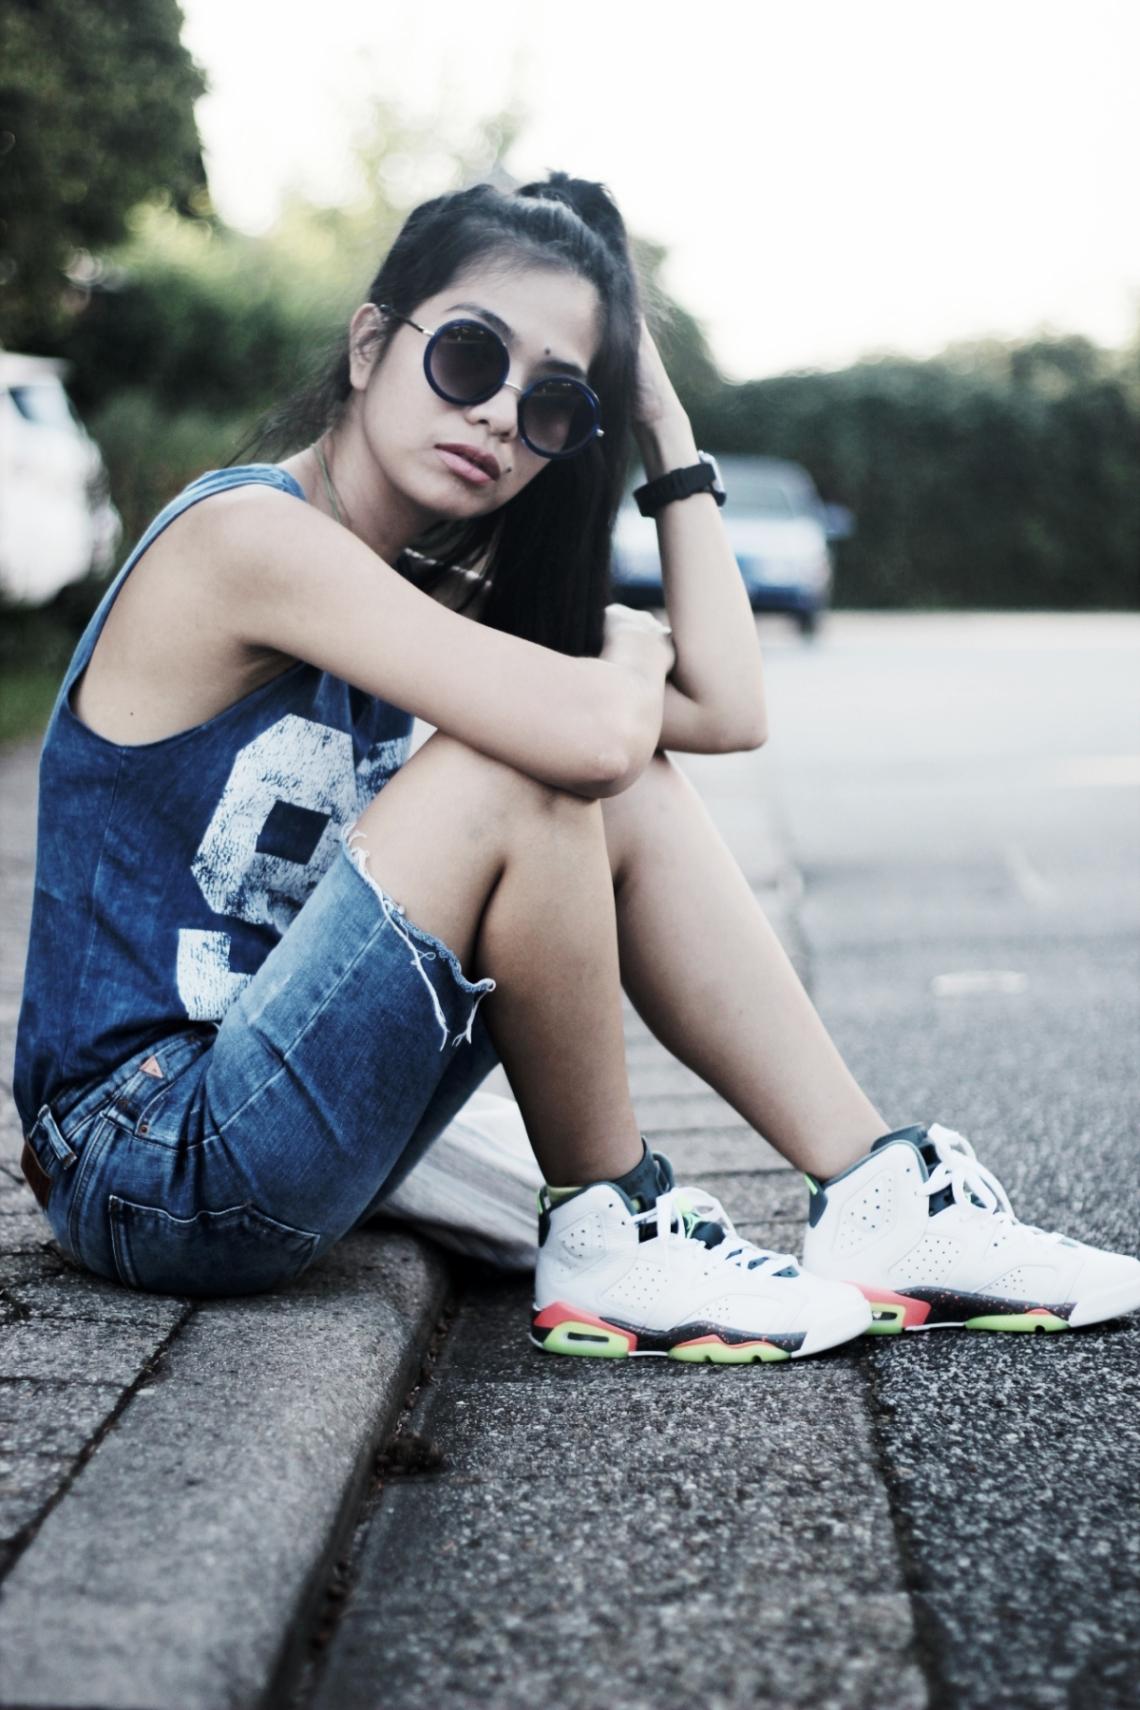 nikesneaker9